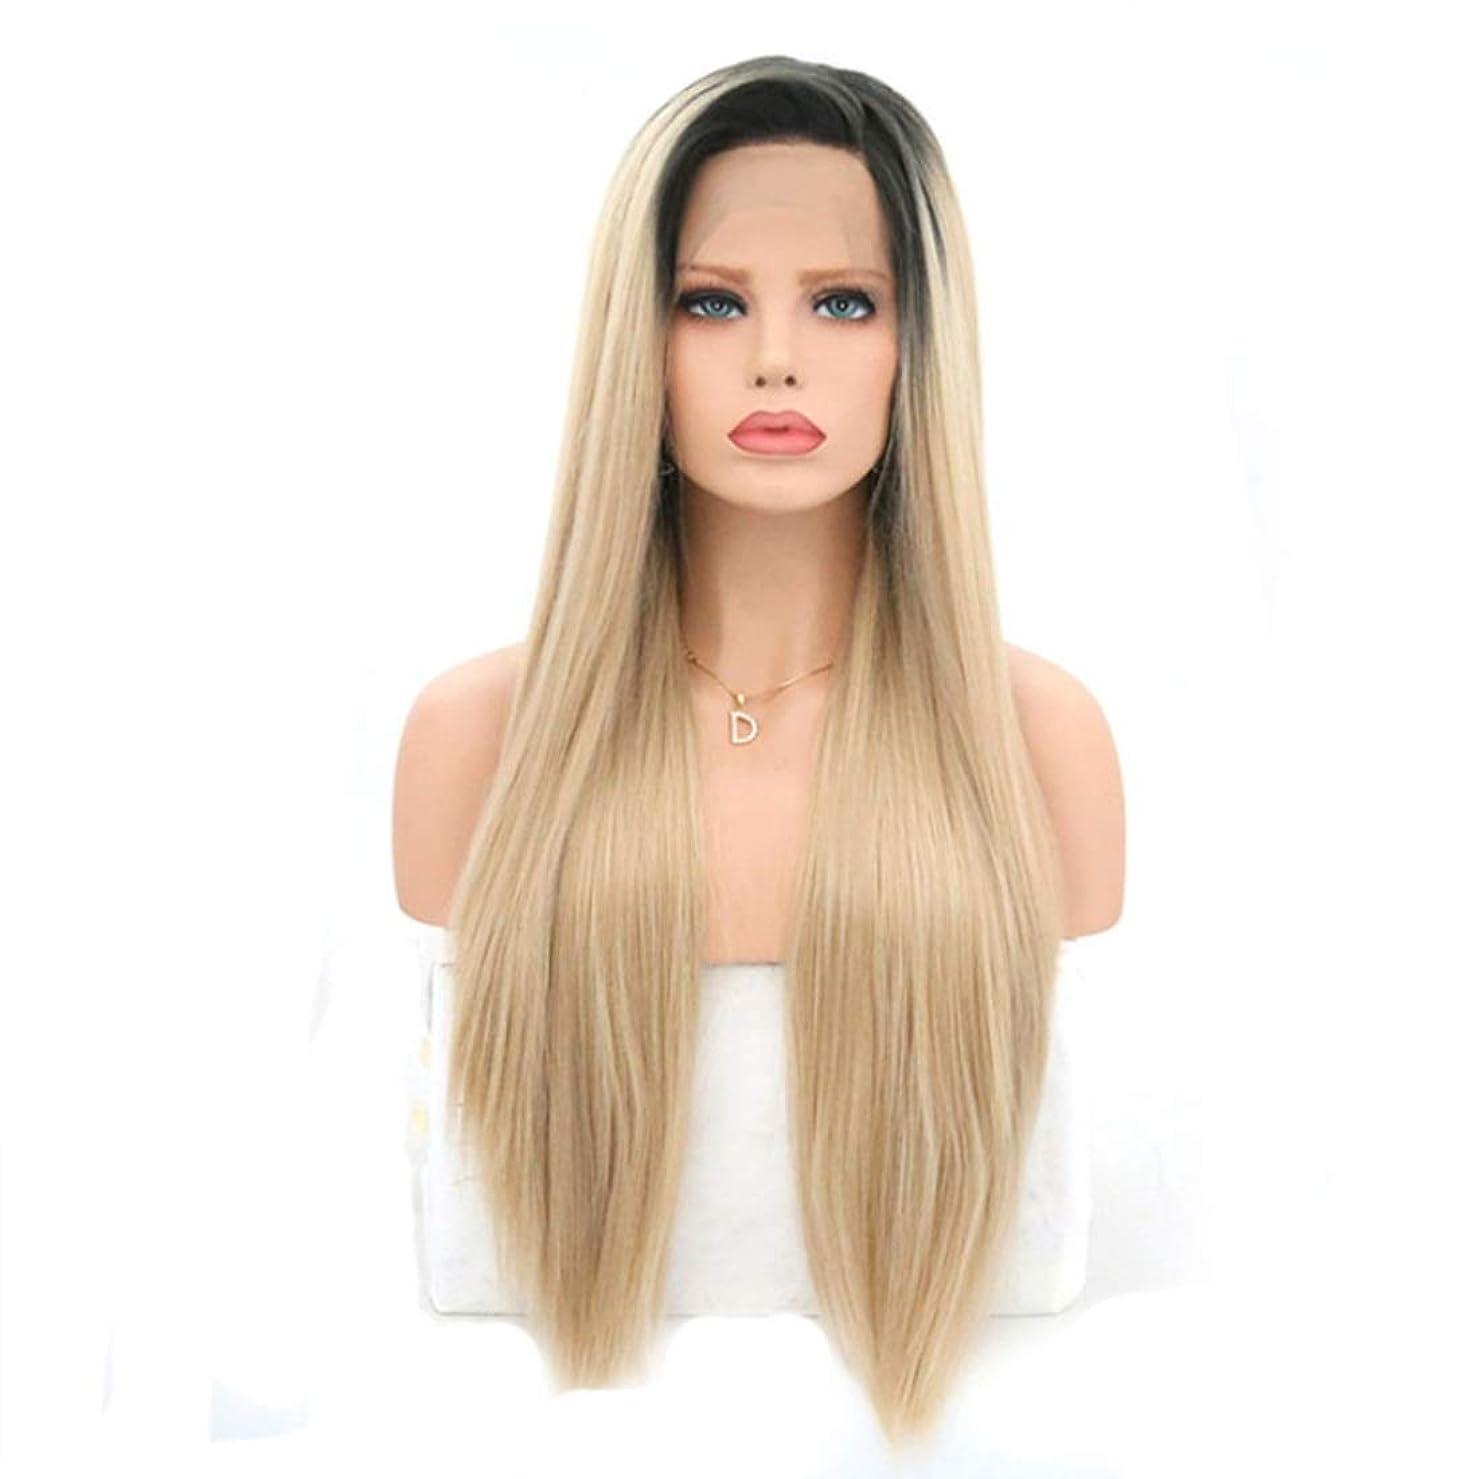 ライナーラボウィンクSummerys 女性のためのロングストレートかつら前髪付きかつら人工毛髪かつら自然なかつら (Size : 22 inches)